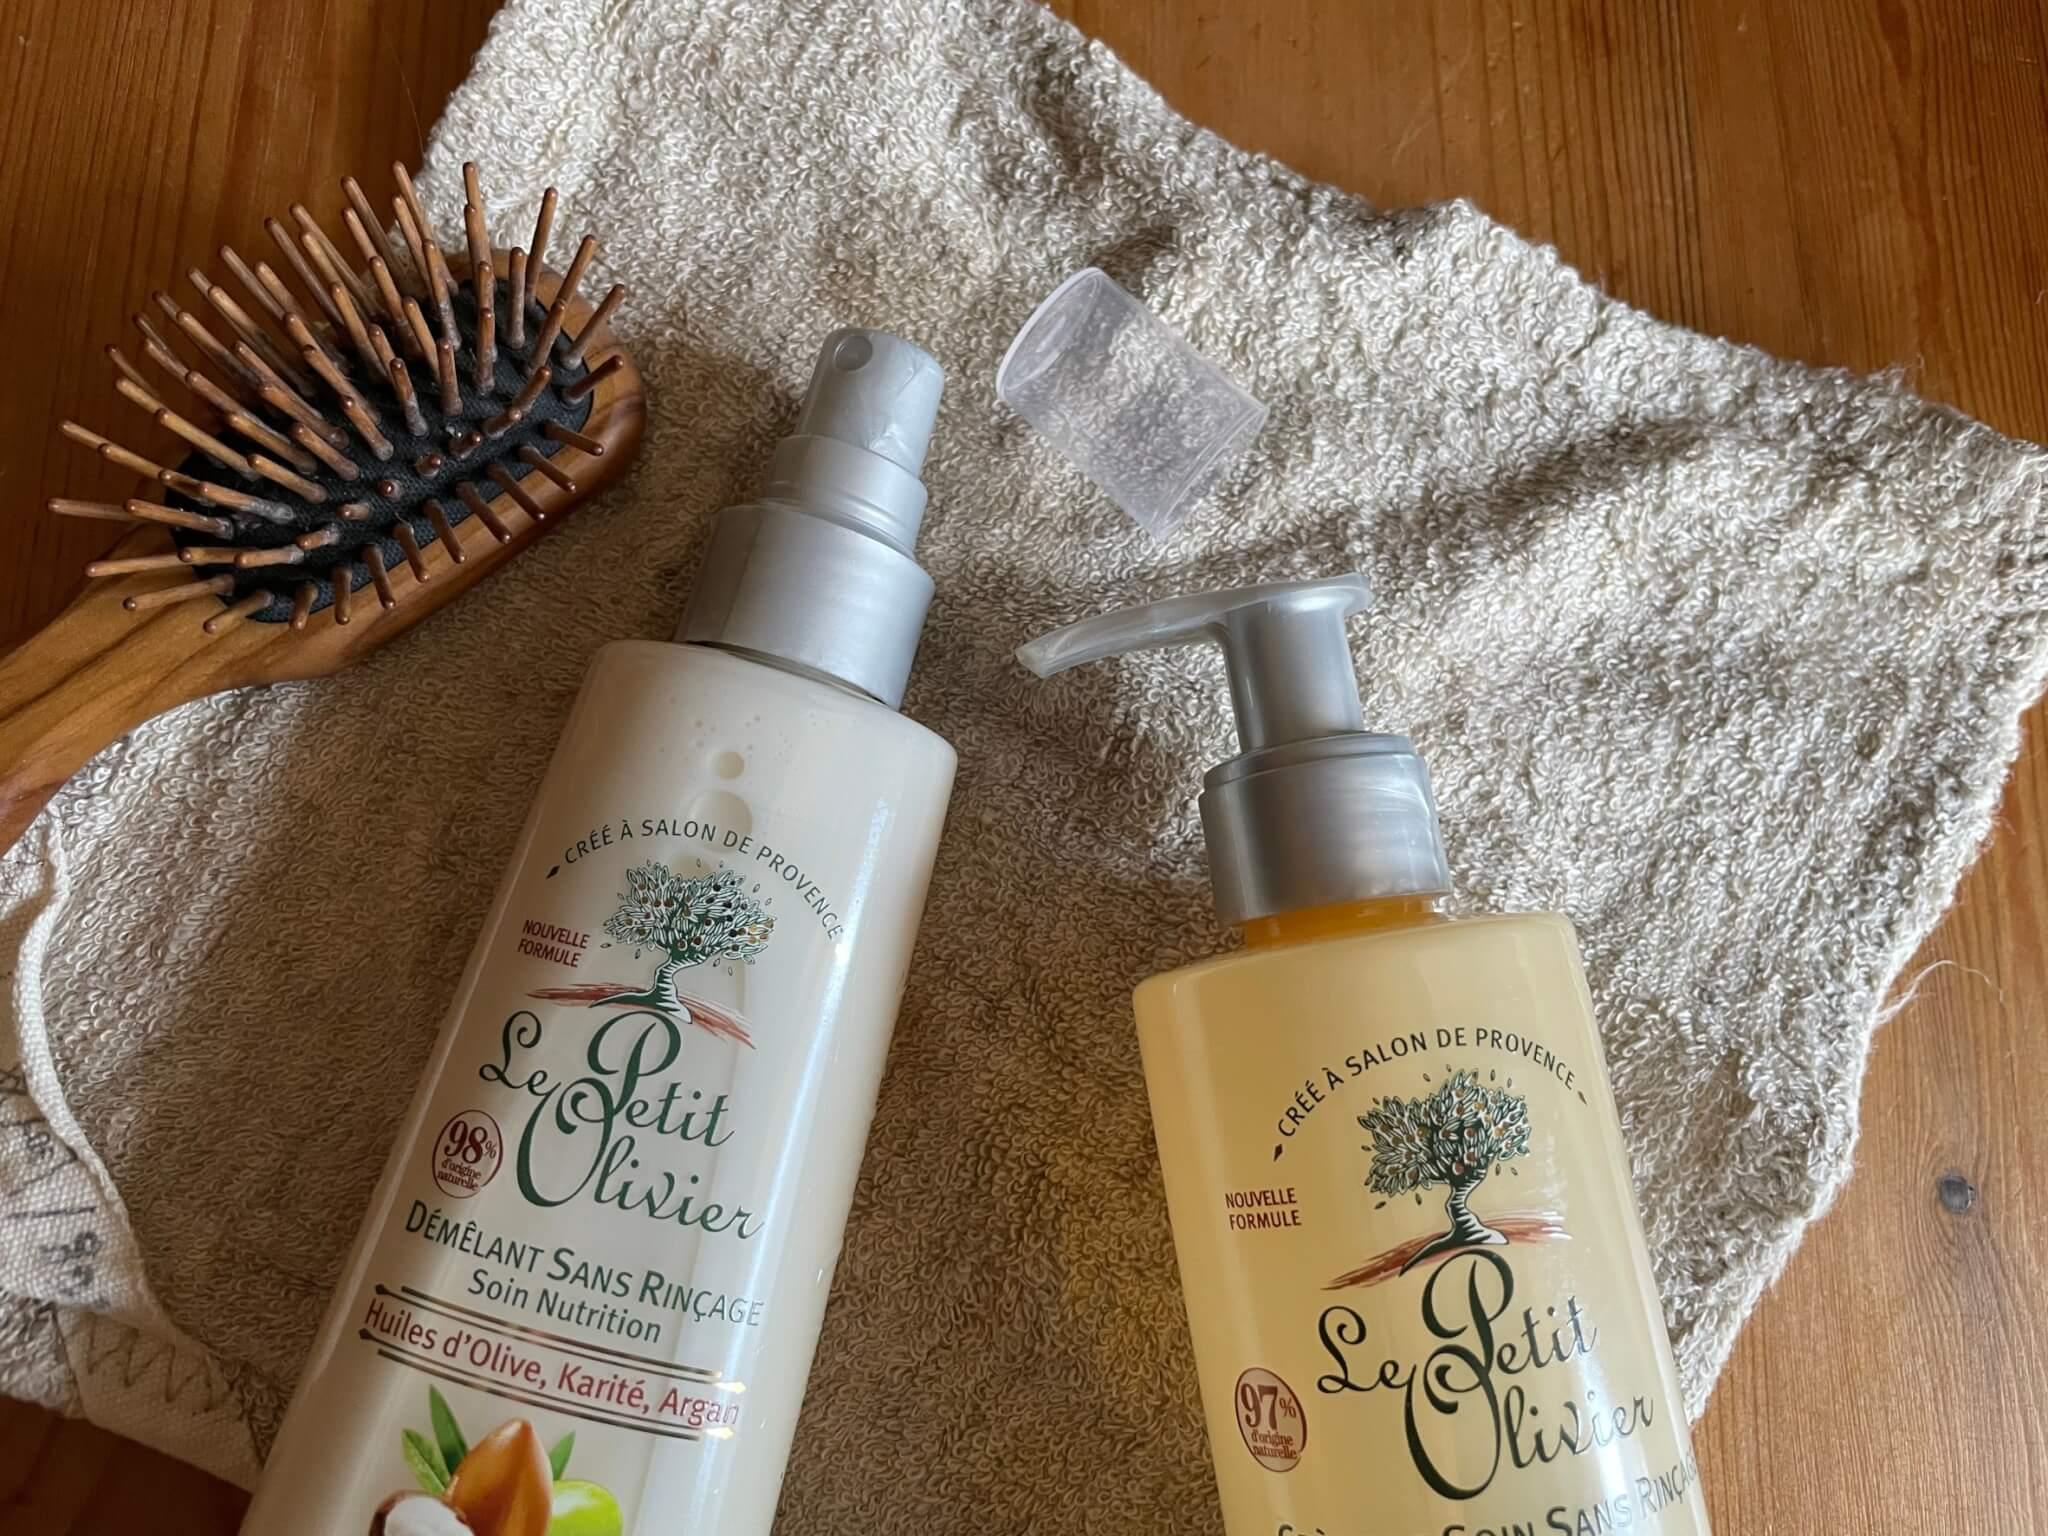 Le Petit Olivier treatment Hair milk & hair spray  洗い流さないトリートメントプチオリビエヘアケアシリーズ